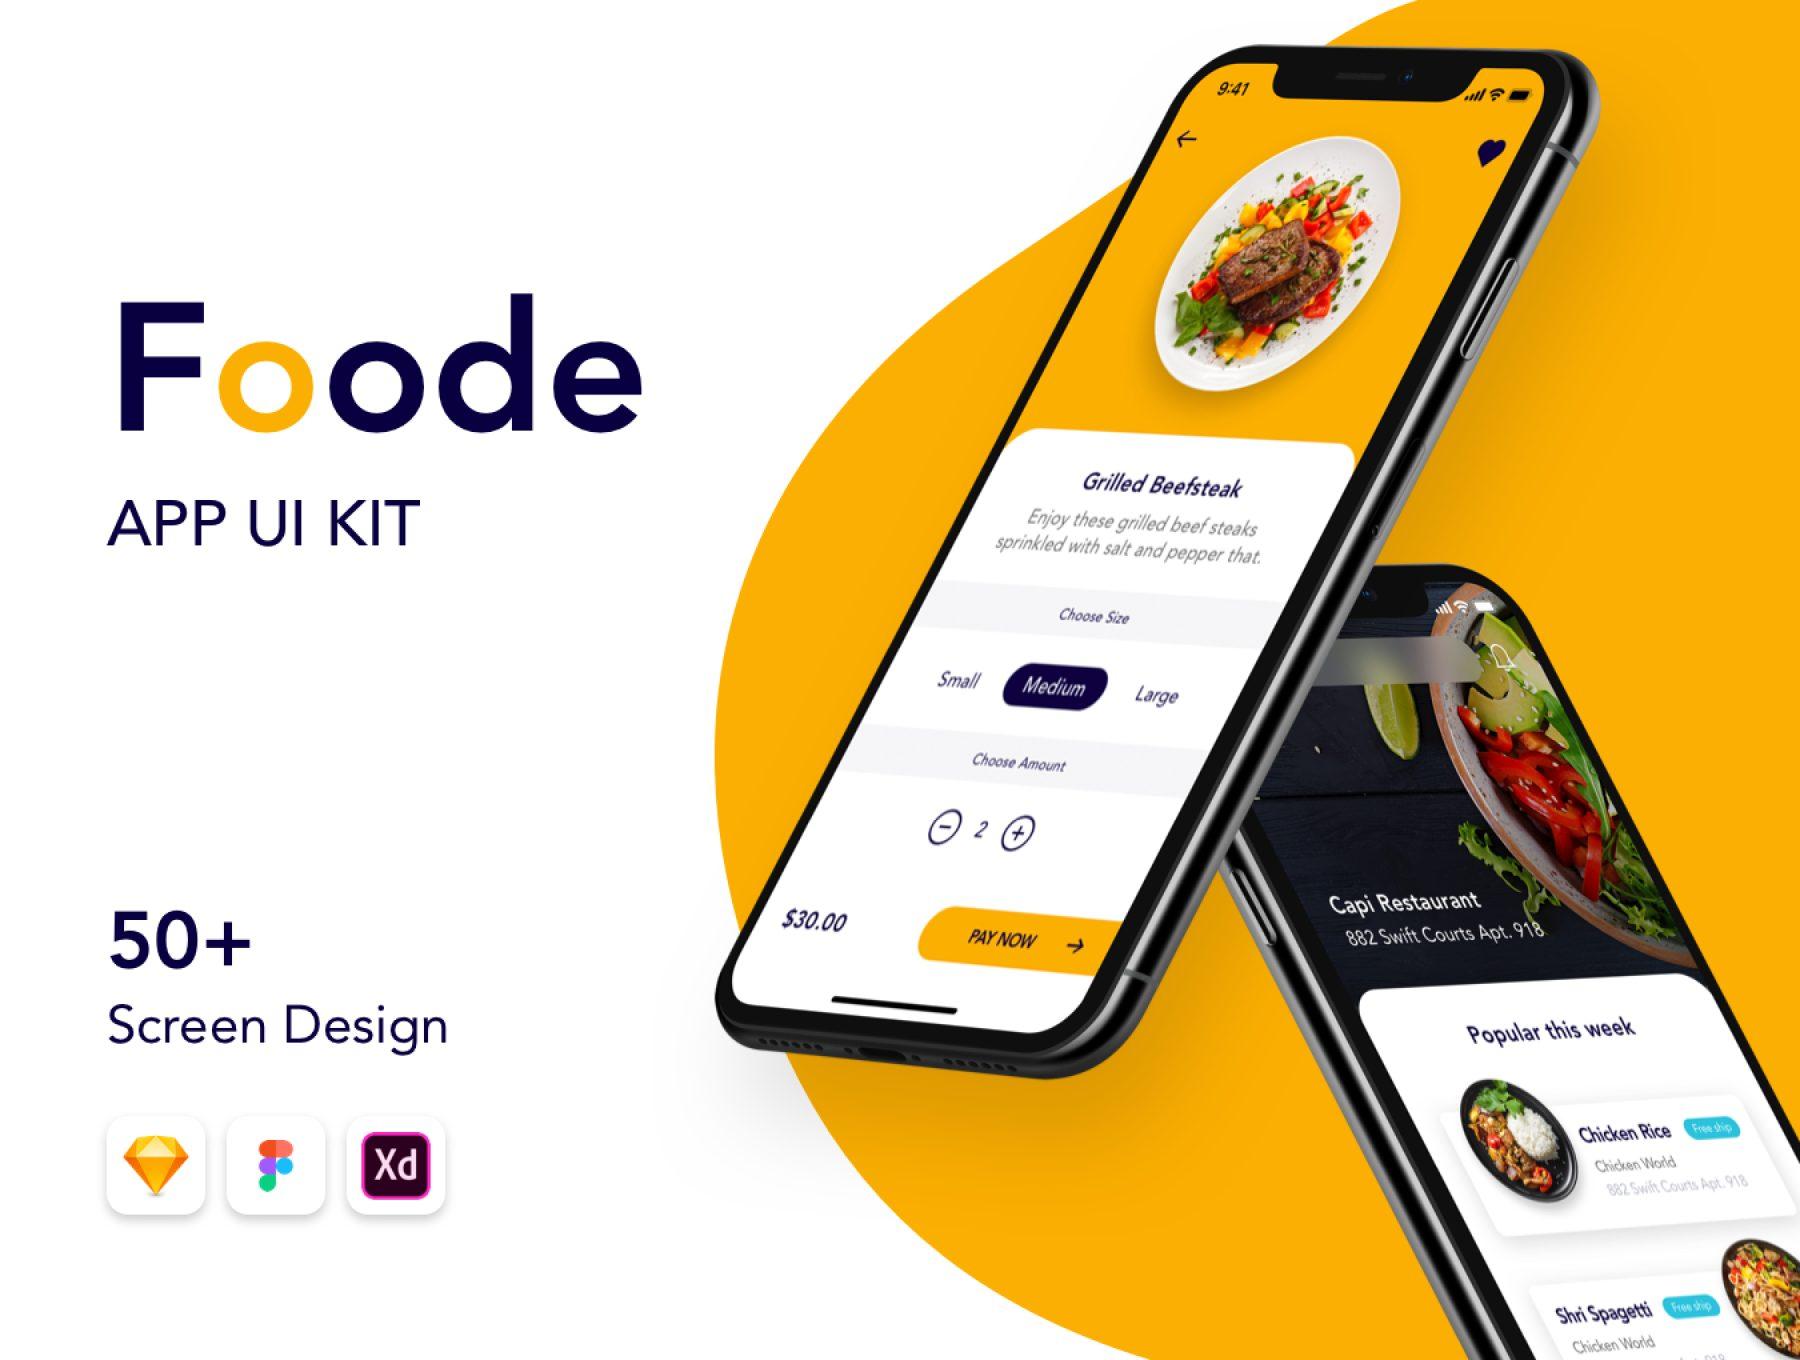 最强的美食点餐订餐APP UI套装下载 iOS Ui app设计 FOODE Ui Kit